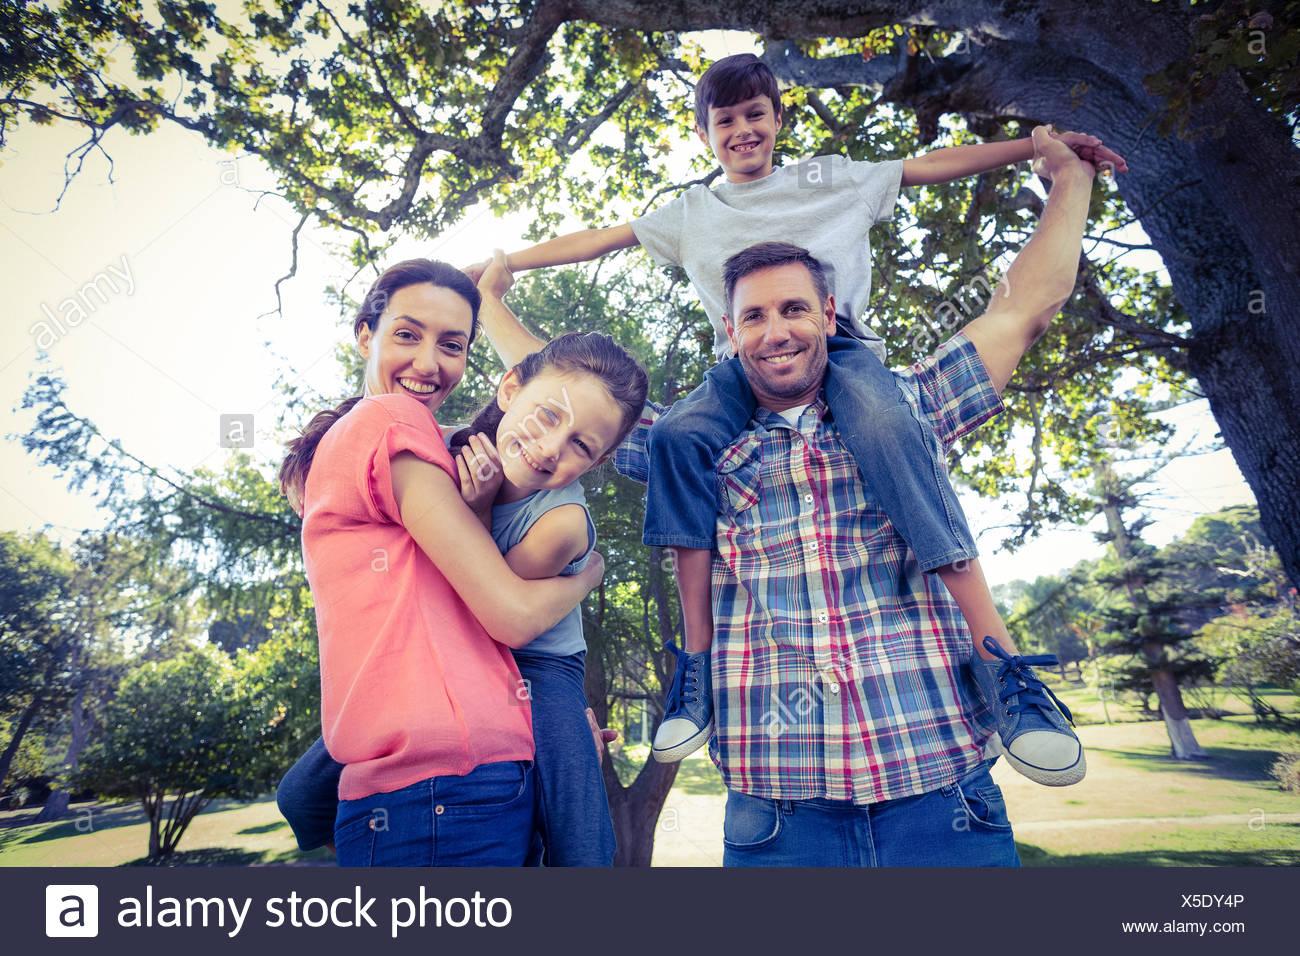 Familia Feliz en el parque juntos Imagen De Stock